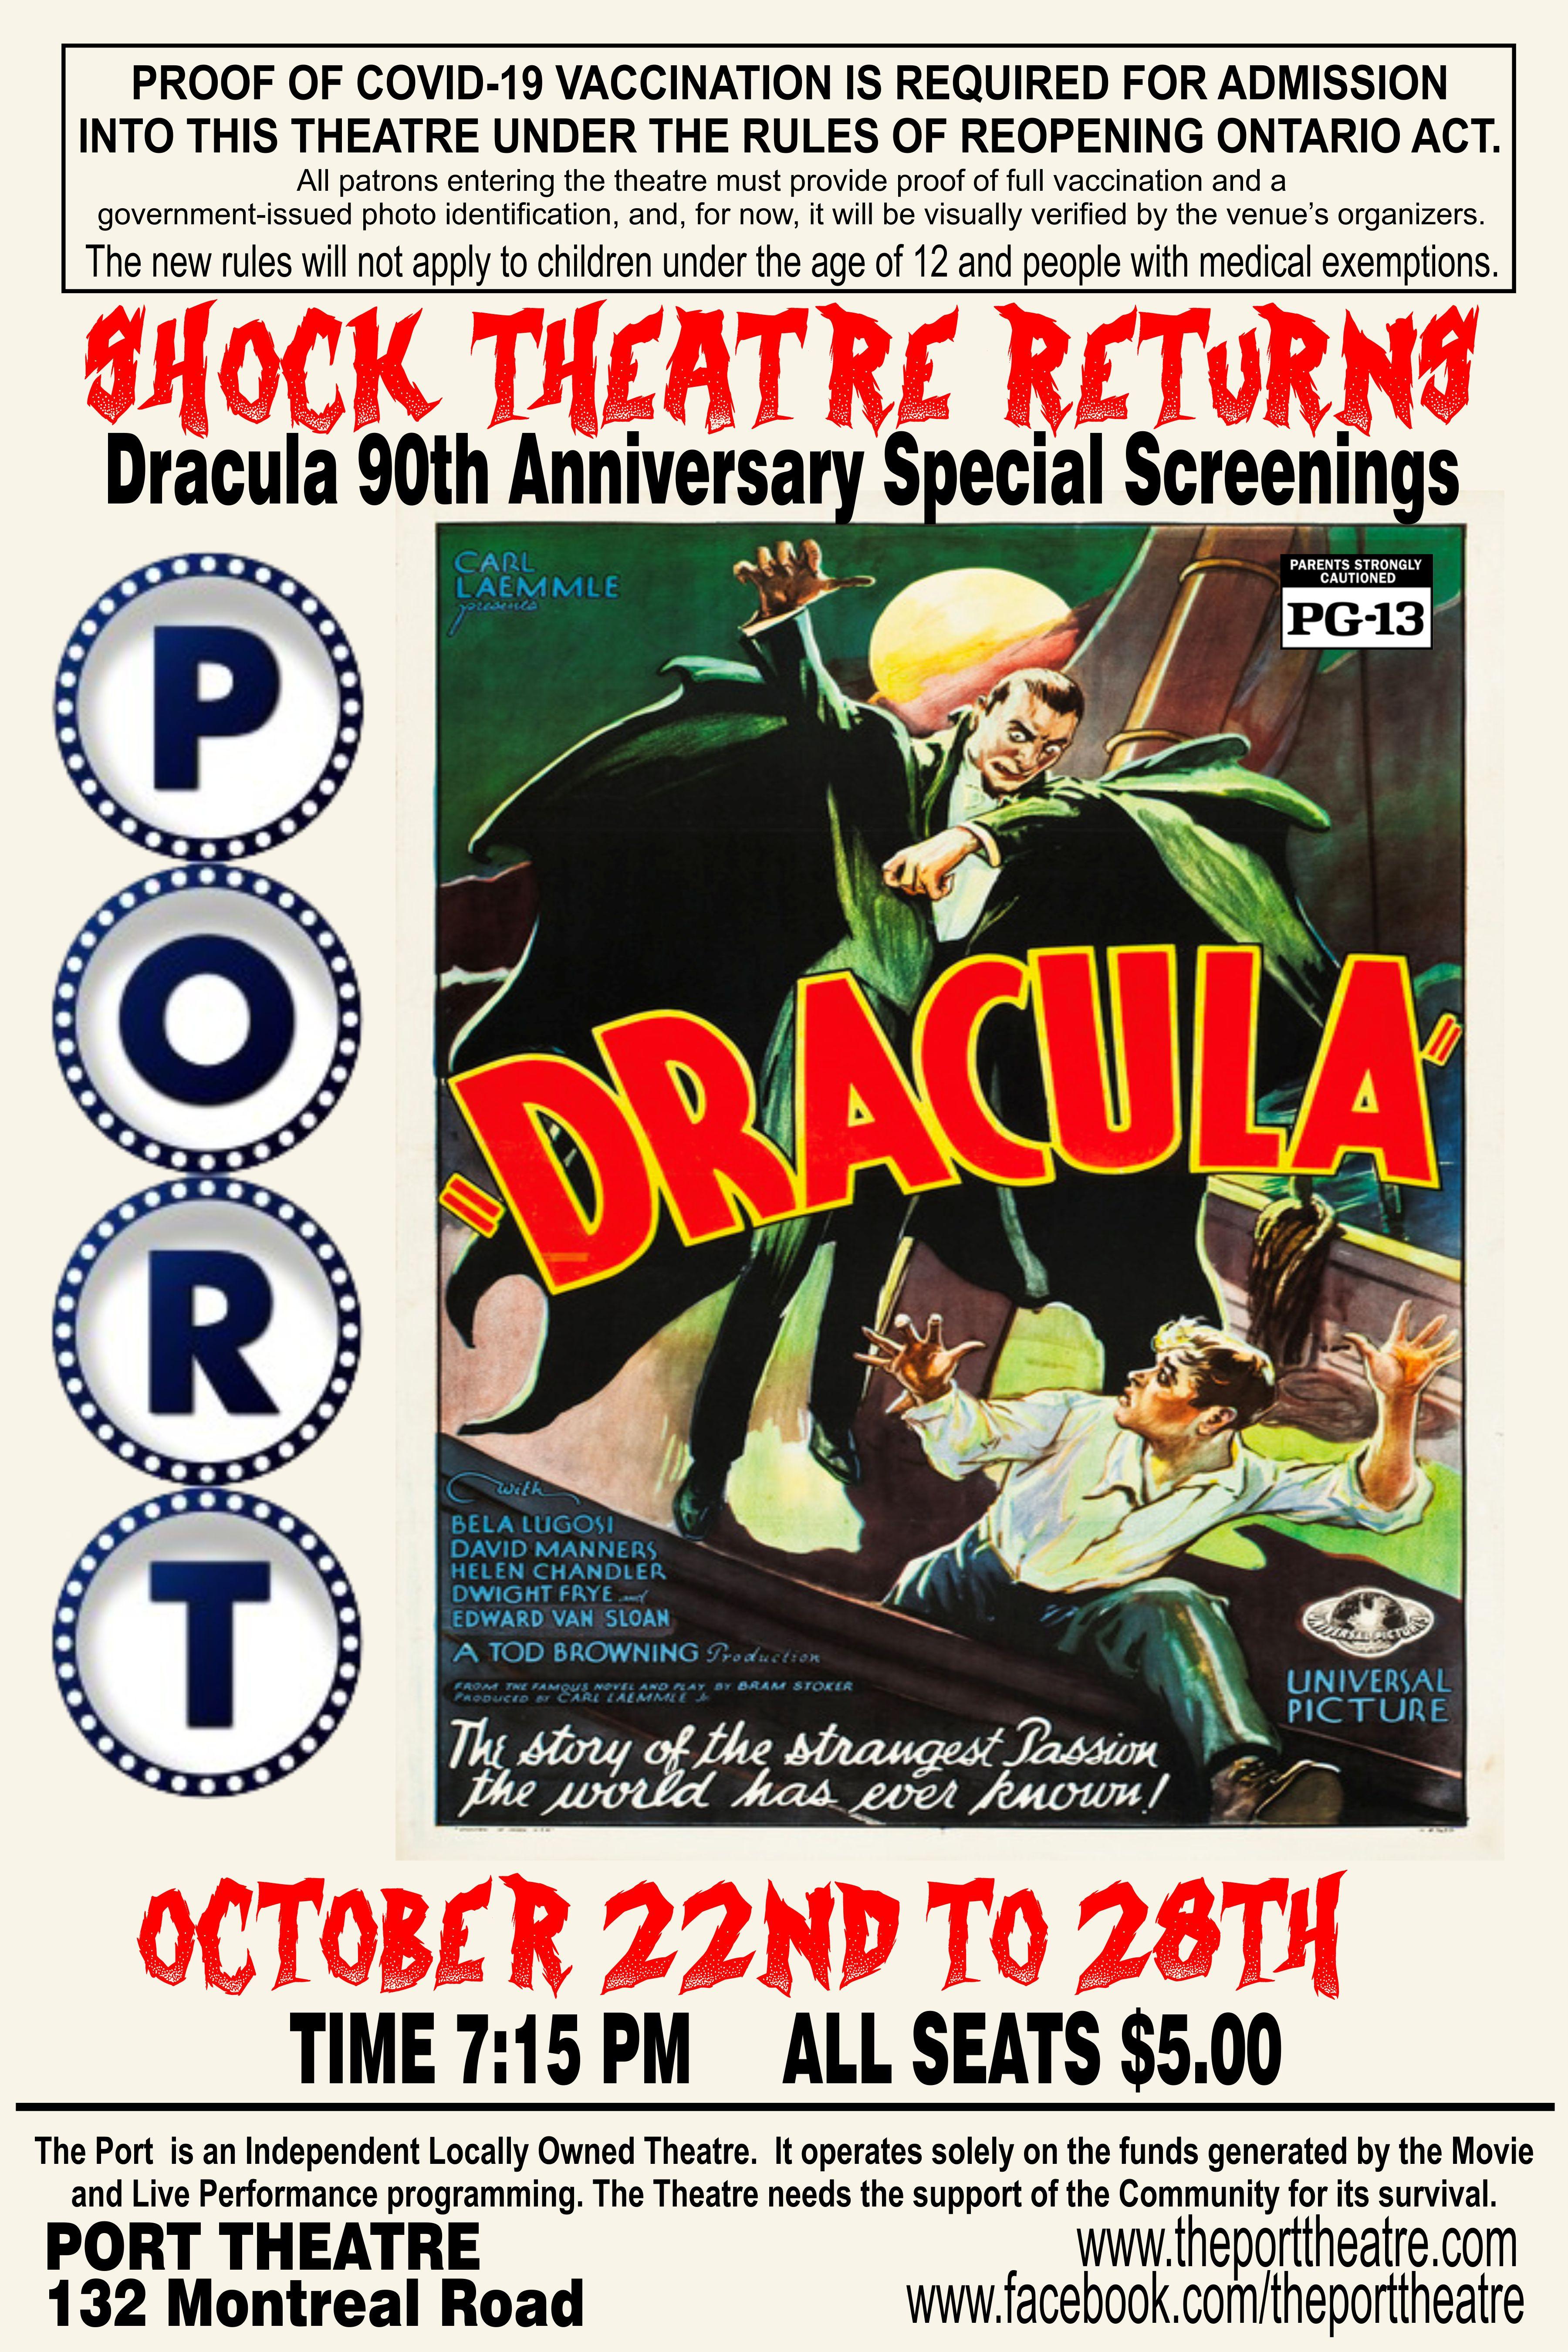 Dracula poster-21